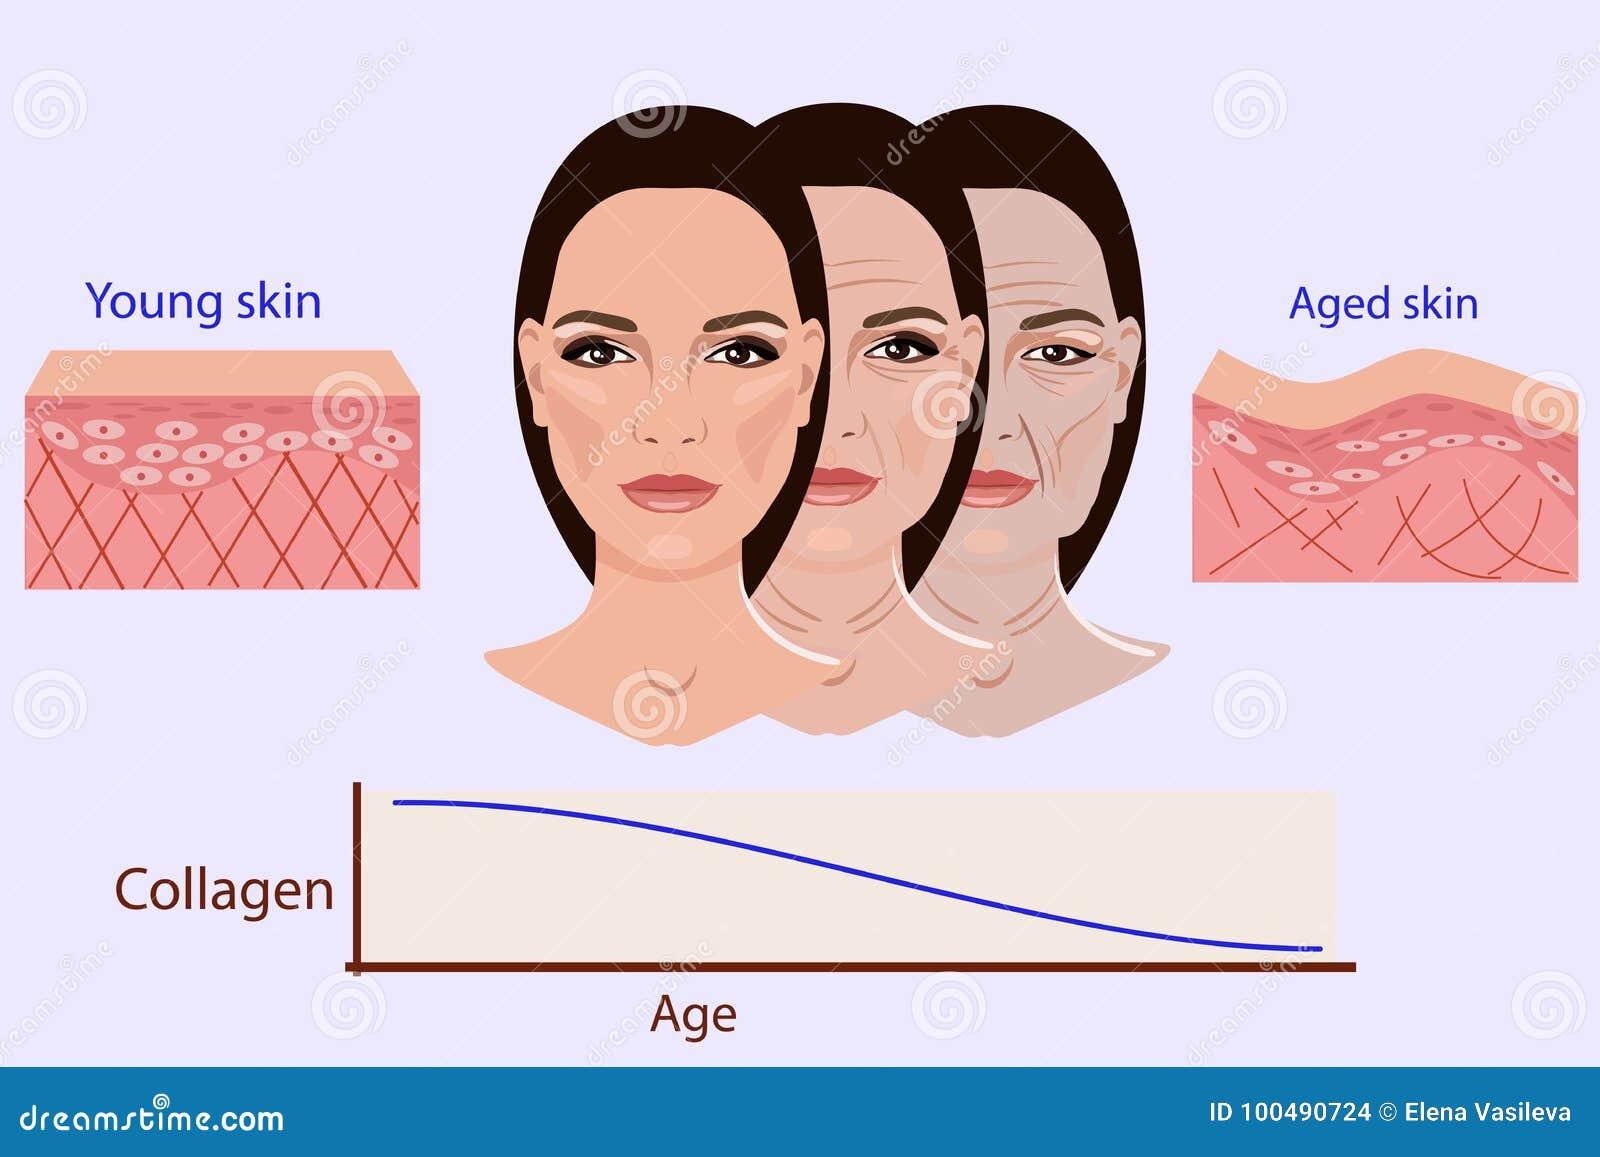 Dirigez le visage et deux types de la peau - âgée et de jeunes pour les illustrations médicales et cosmetological